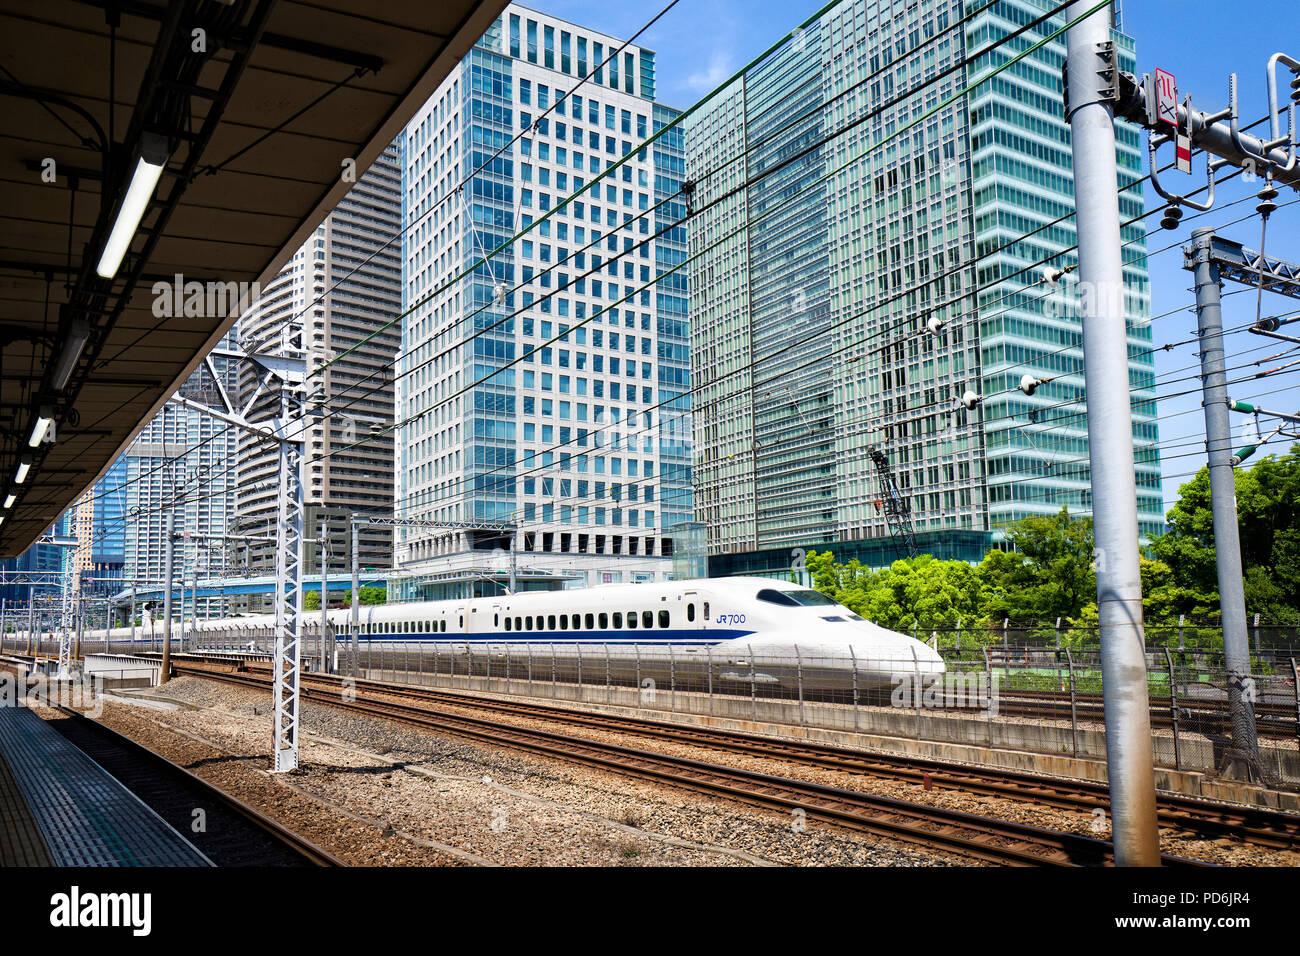 La isla de Japón, Honshu, Kanto, Tokio, un Shinkansen funcionando en Tokio. Imagen De Stock